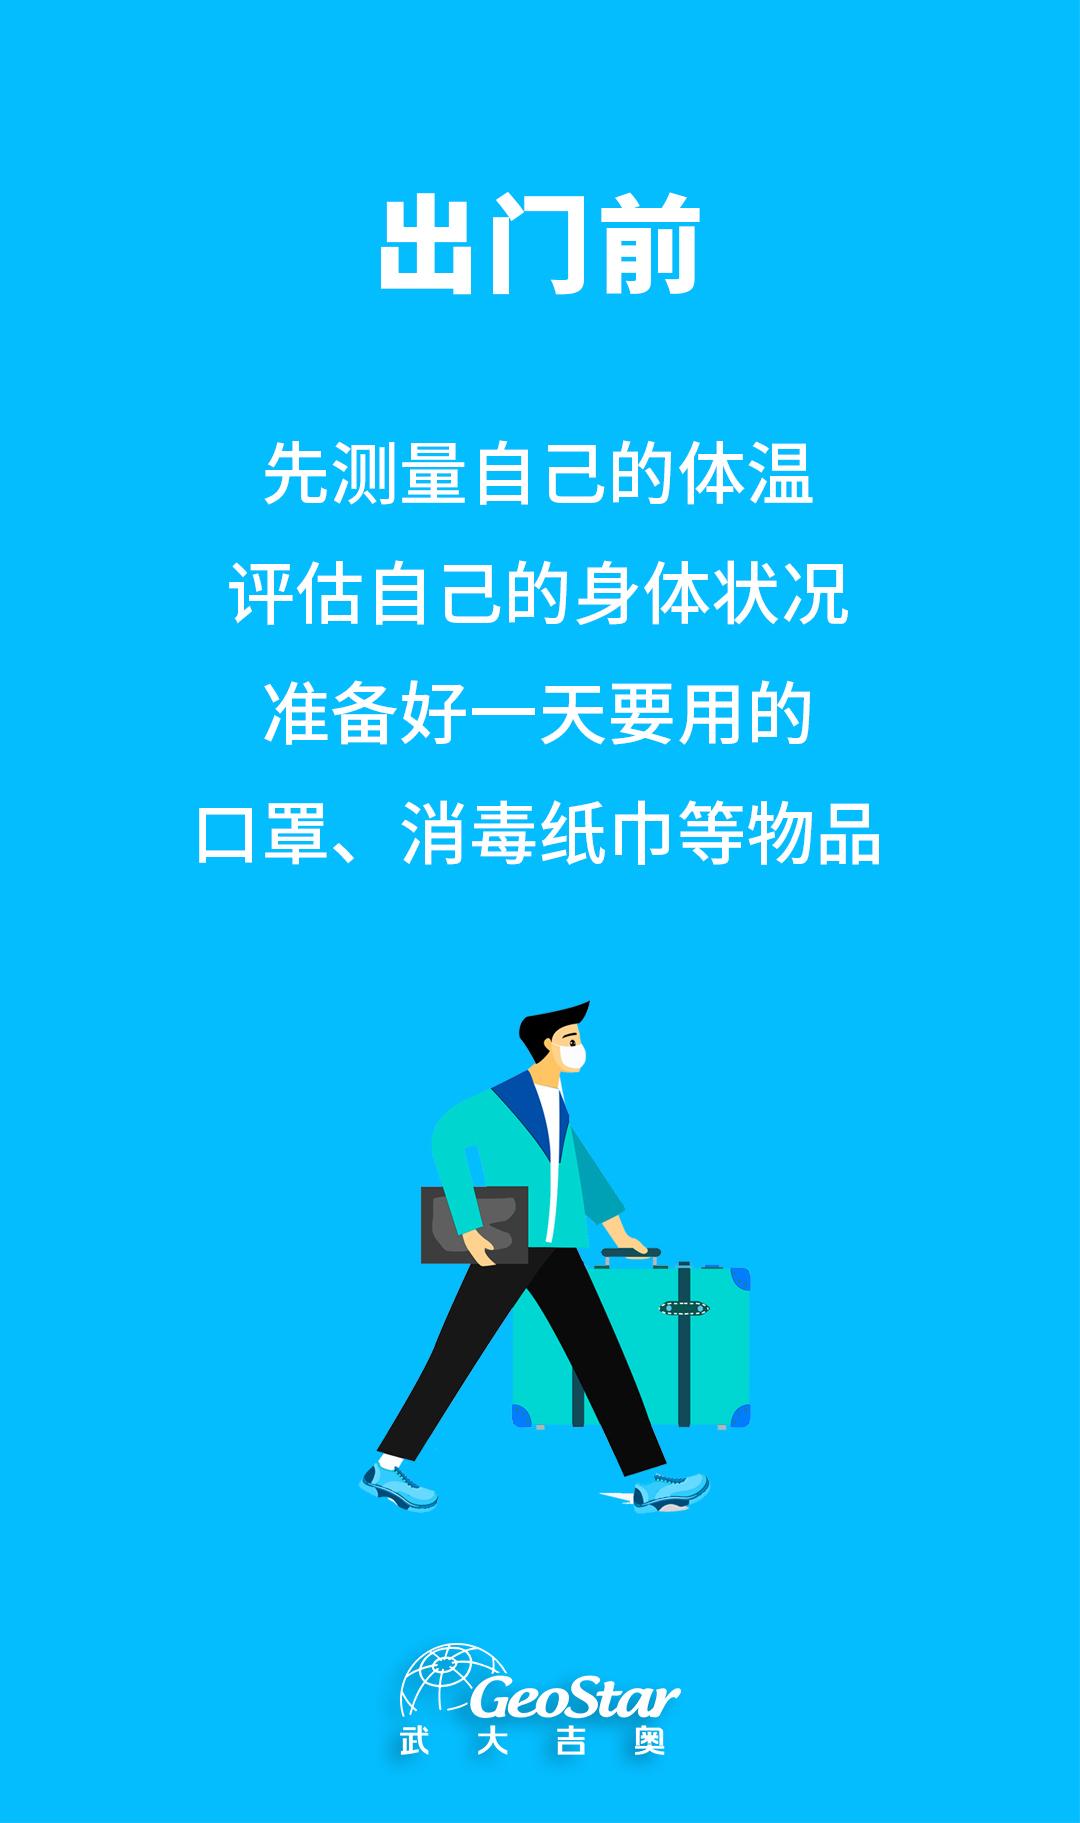 1.地信企业复工防疫指南-出门前